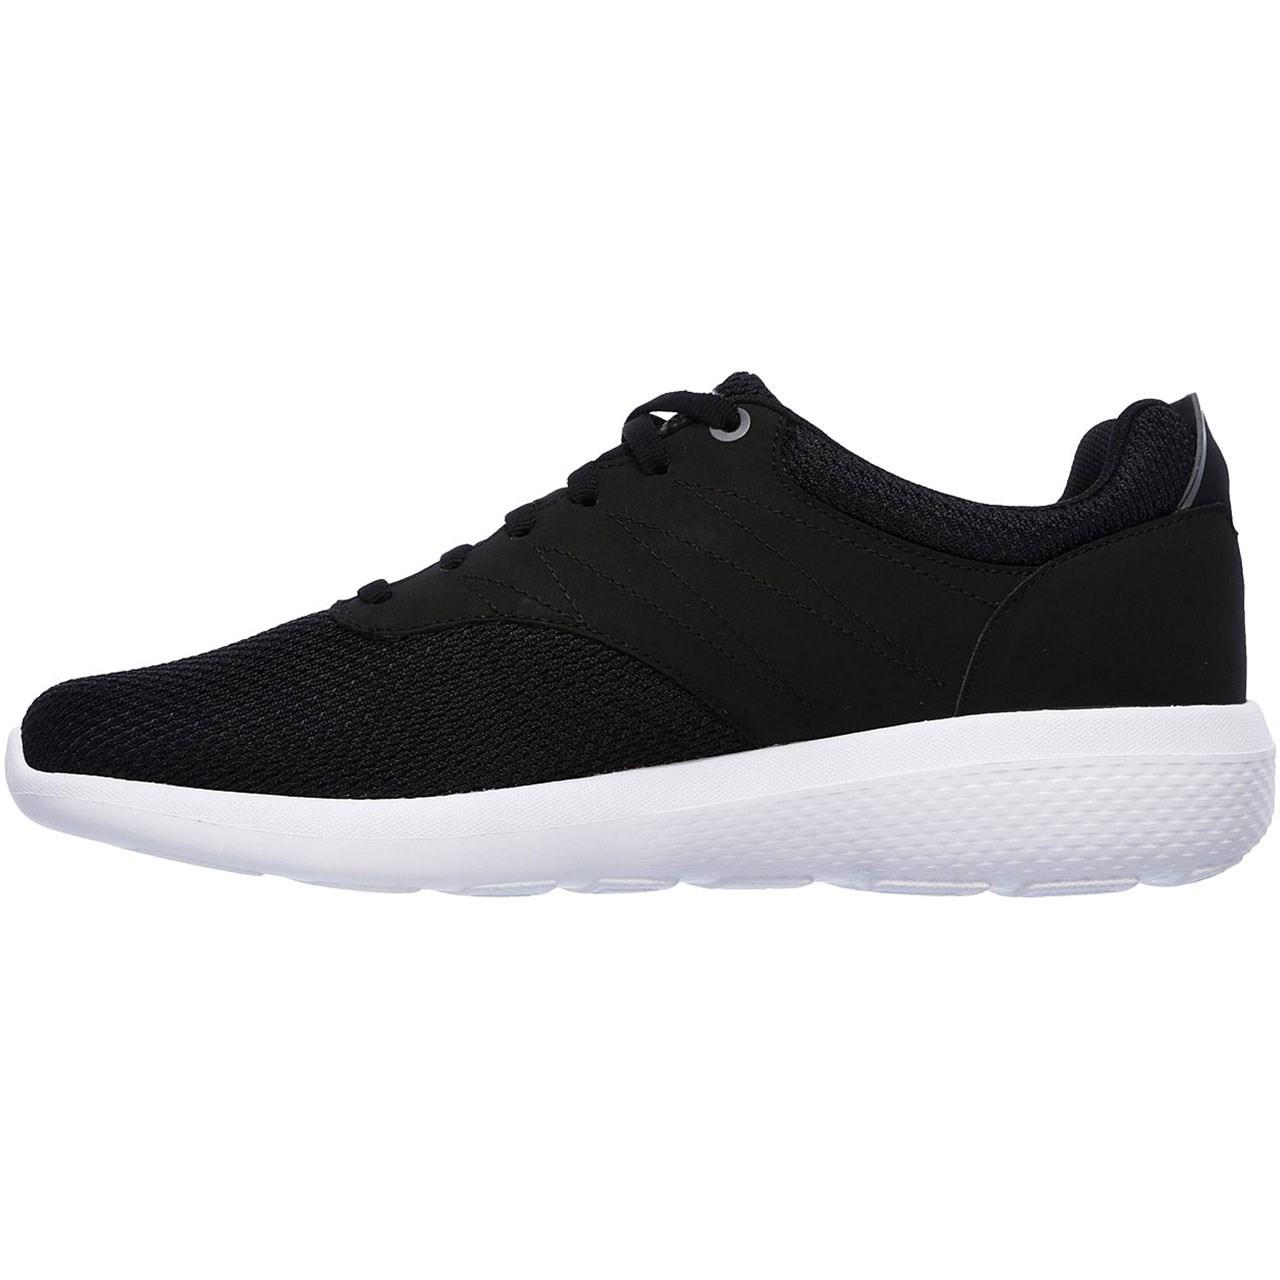 کفش مخصوص پیاده روی مردانه اسکچرز مدل Go Walk City 2 - Enzo